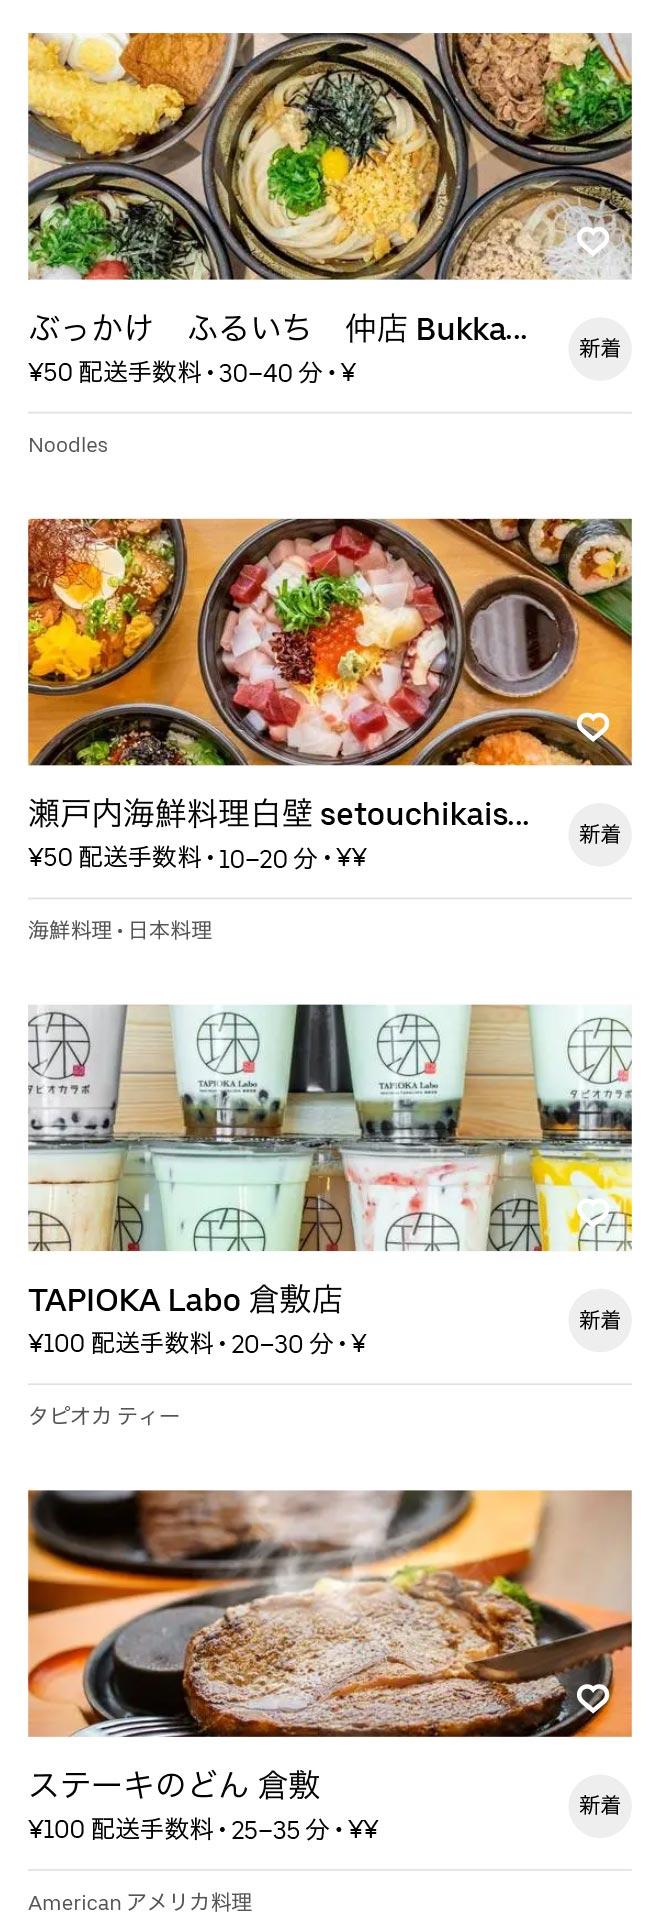 Kurashiki menu 2010 1